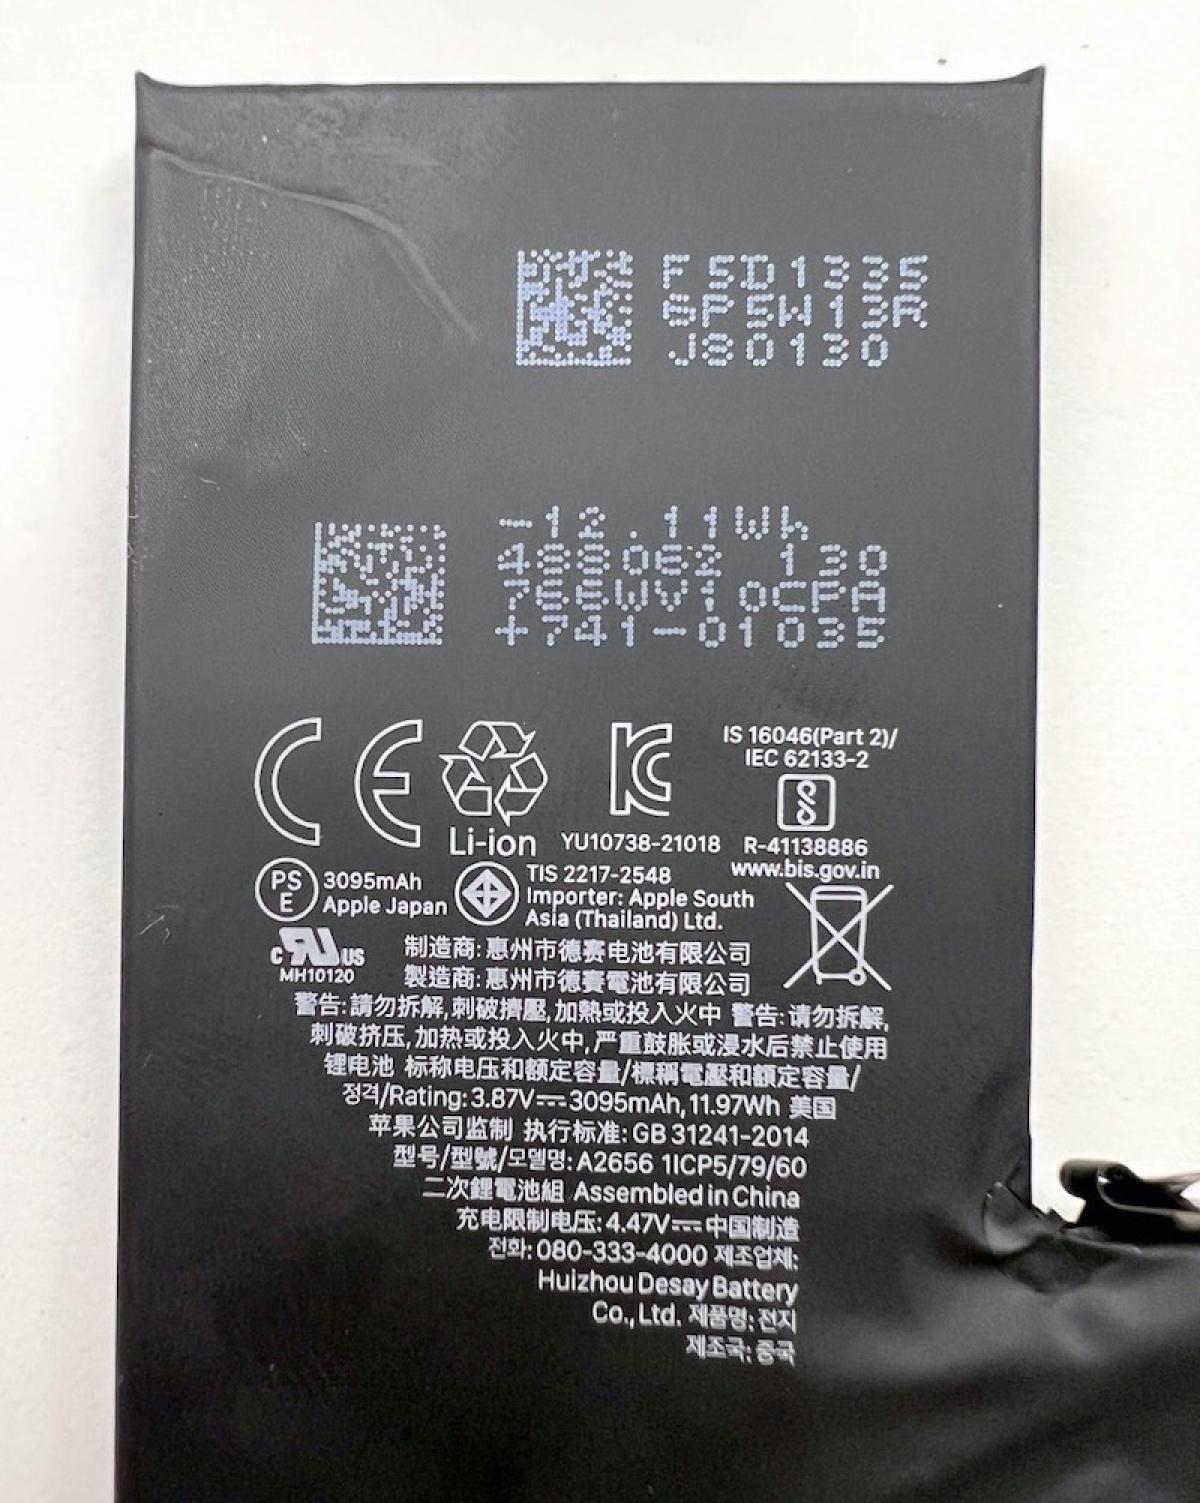 Viên pin sản xuất tại Trung Quốc, dung lượng 3.095mAh